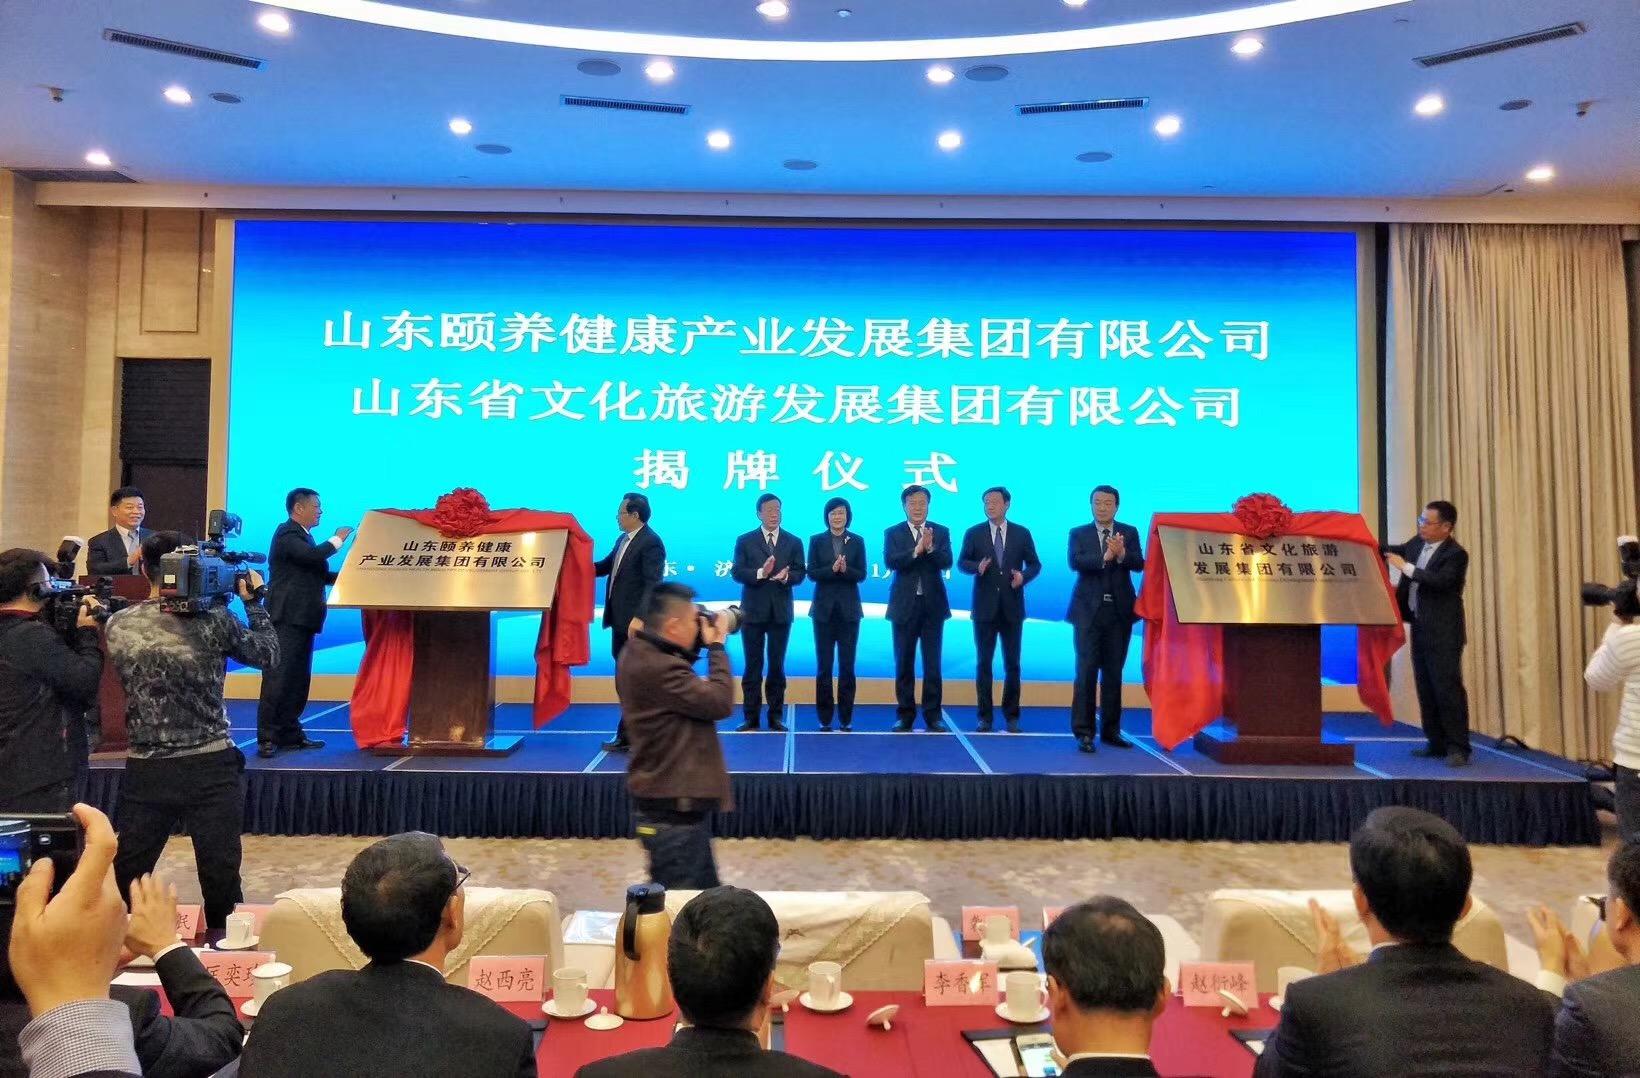 山东省国资委举行山东颐养健康产业发展集团揭牌仪式